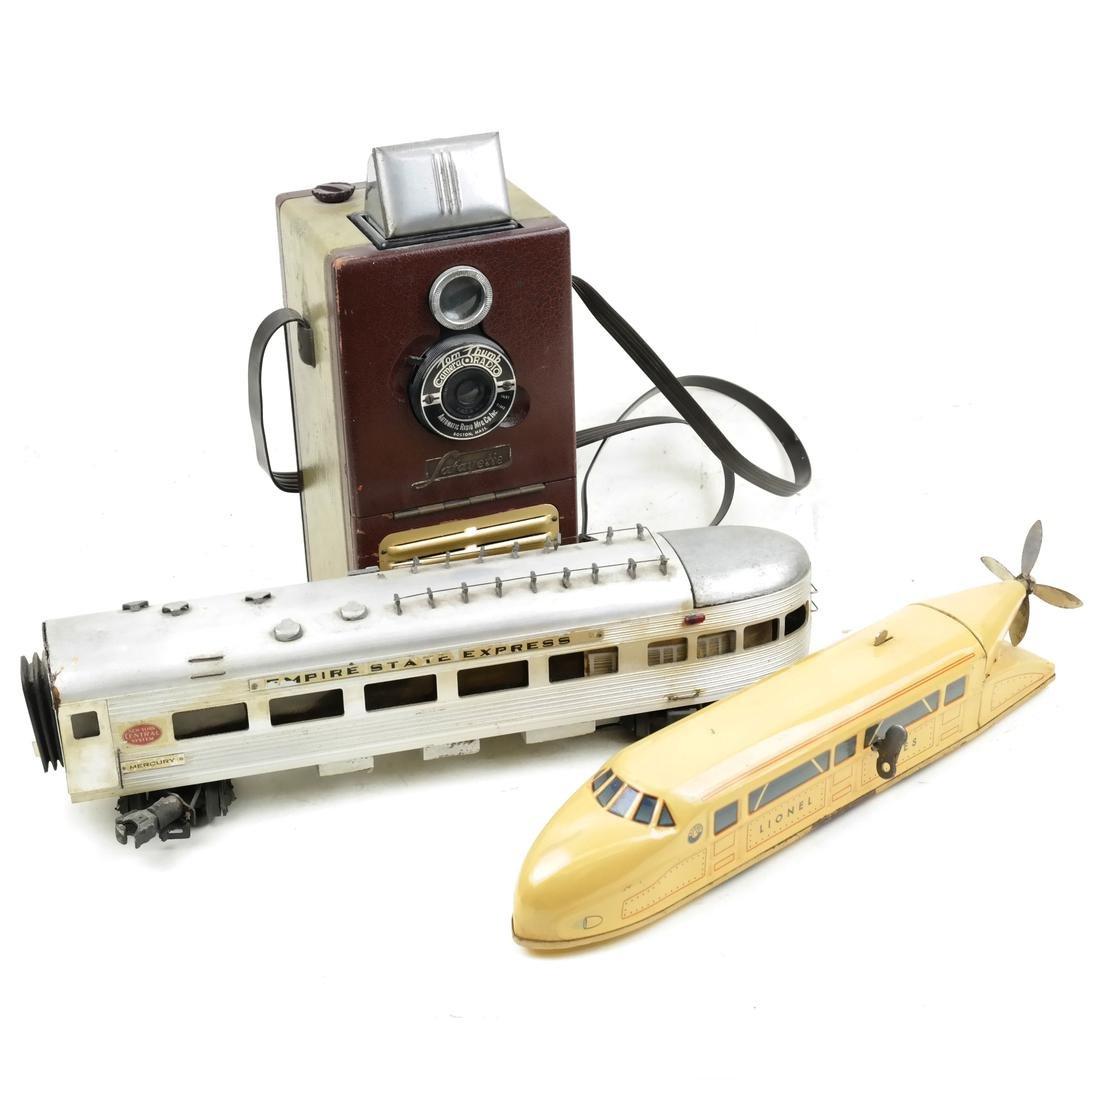 3 Vintage Pieces - 2 Model Trains, Camera